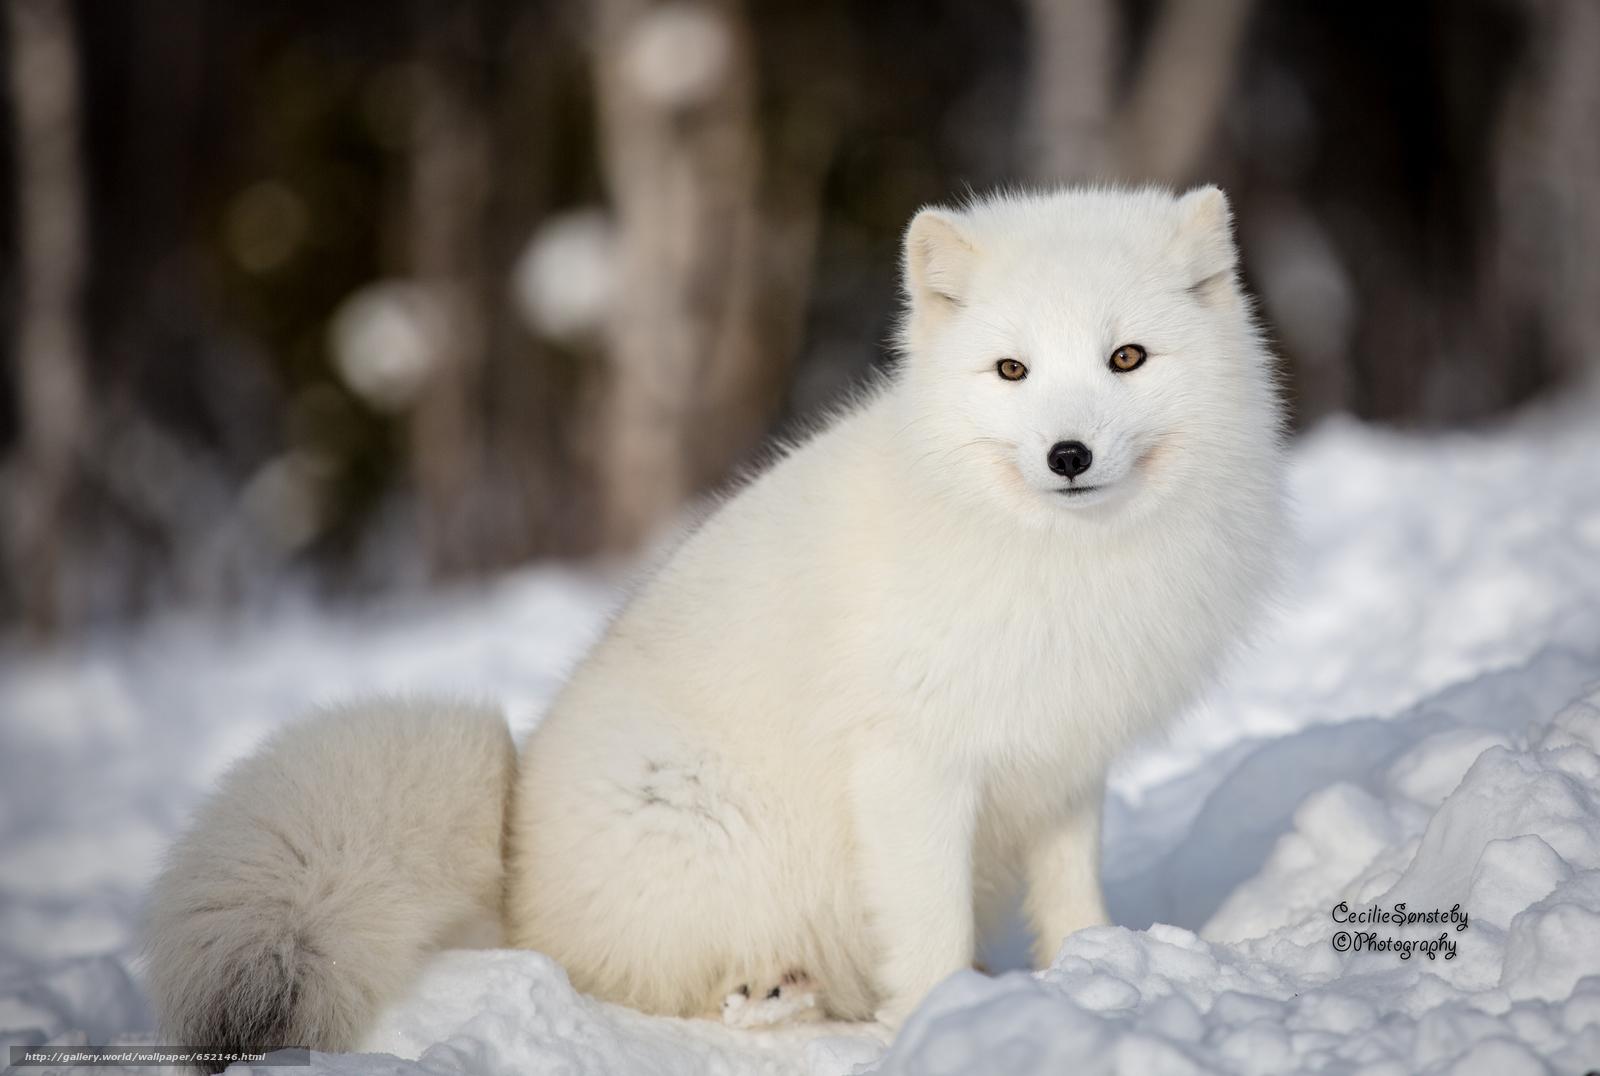 下载壁纸 白狐 白 狐狸 北极狐 免费为您的桌面分辨率的壁纸 4403x2961 图片 №652146